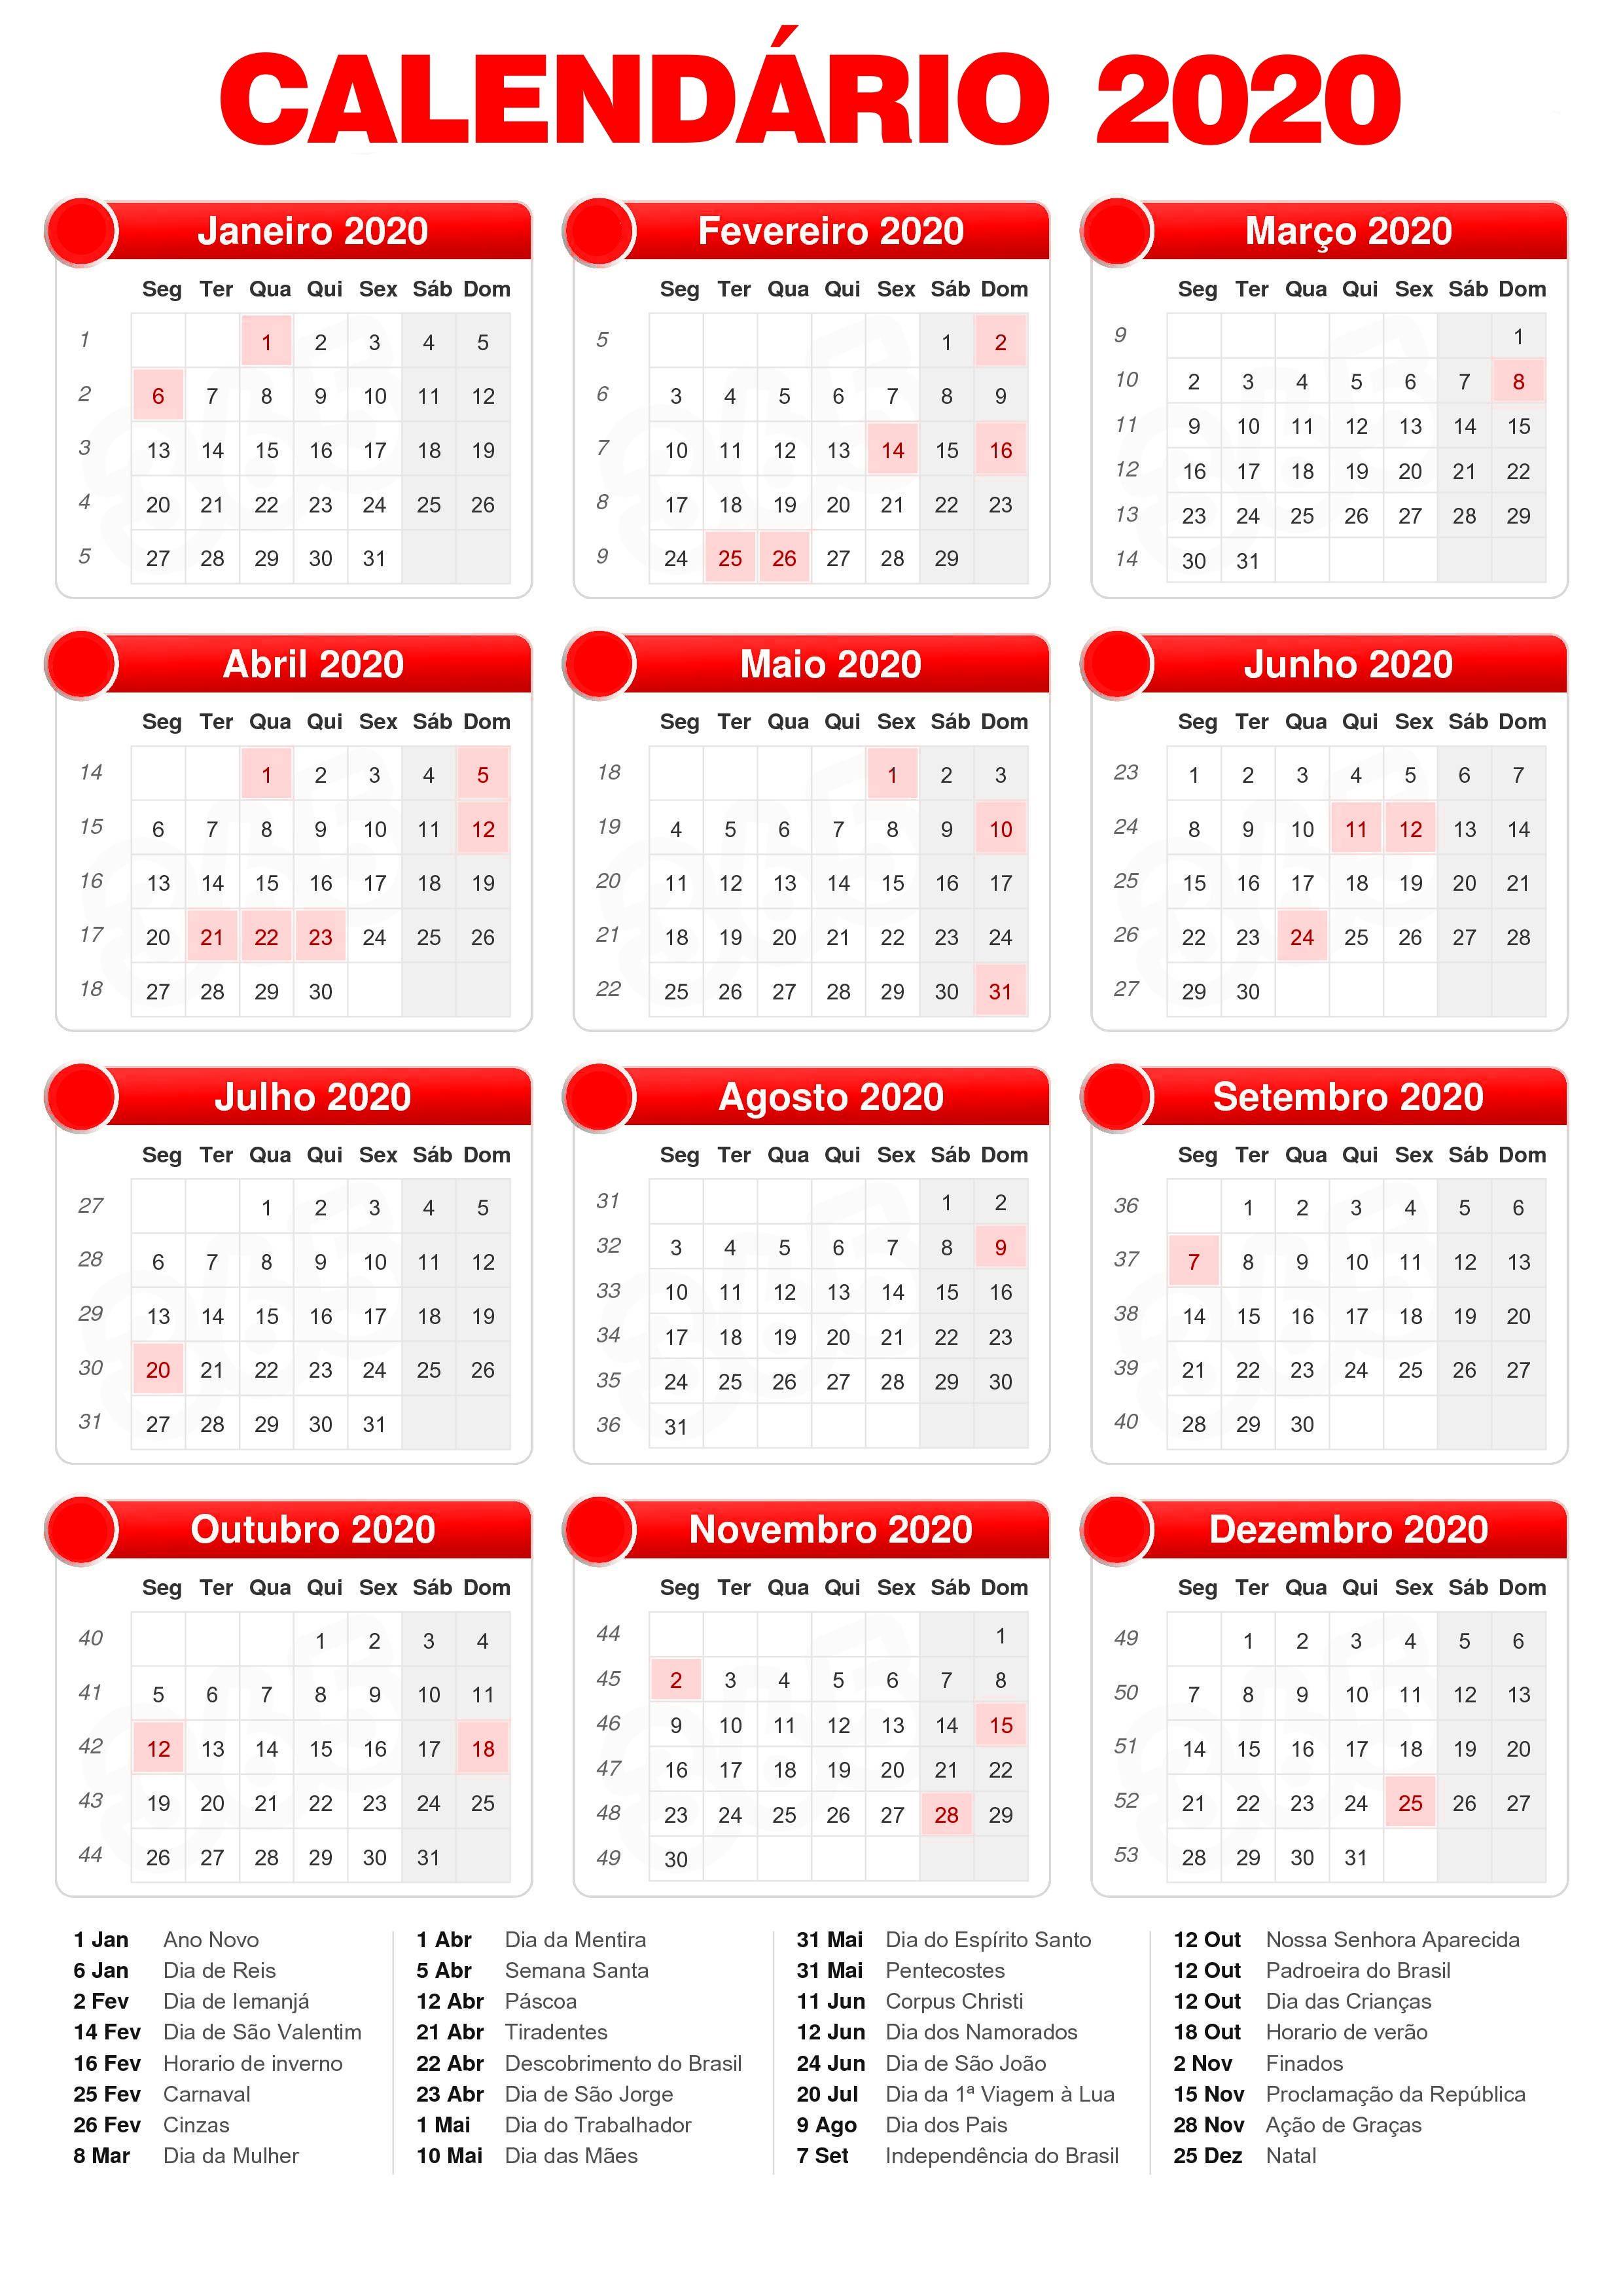 Calendario 2020 Com Feriados.Calendario 2020 Com Feriados Calendario